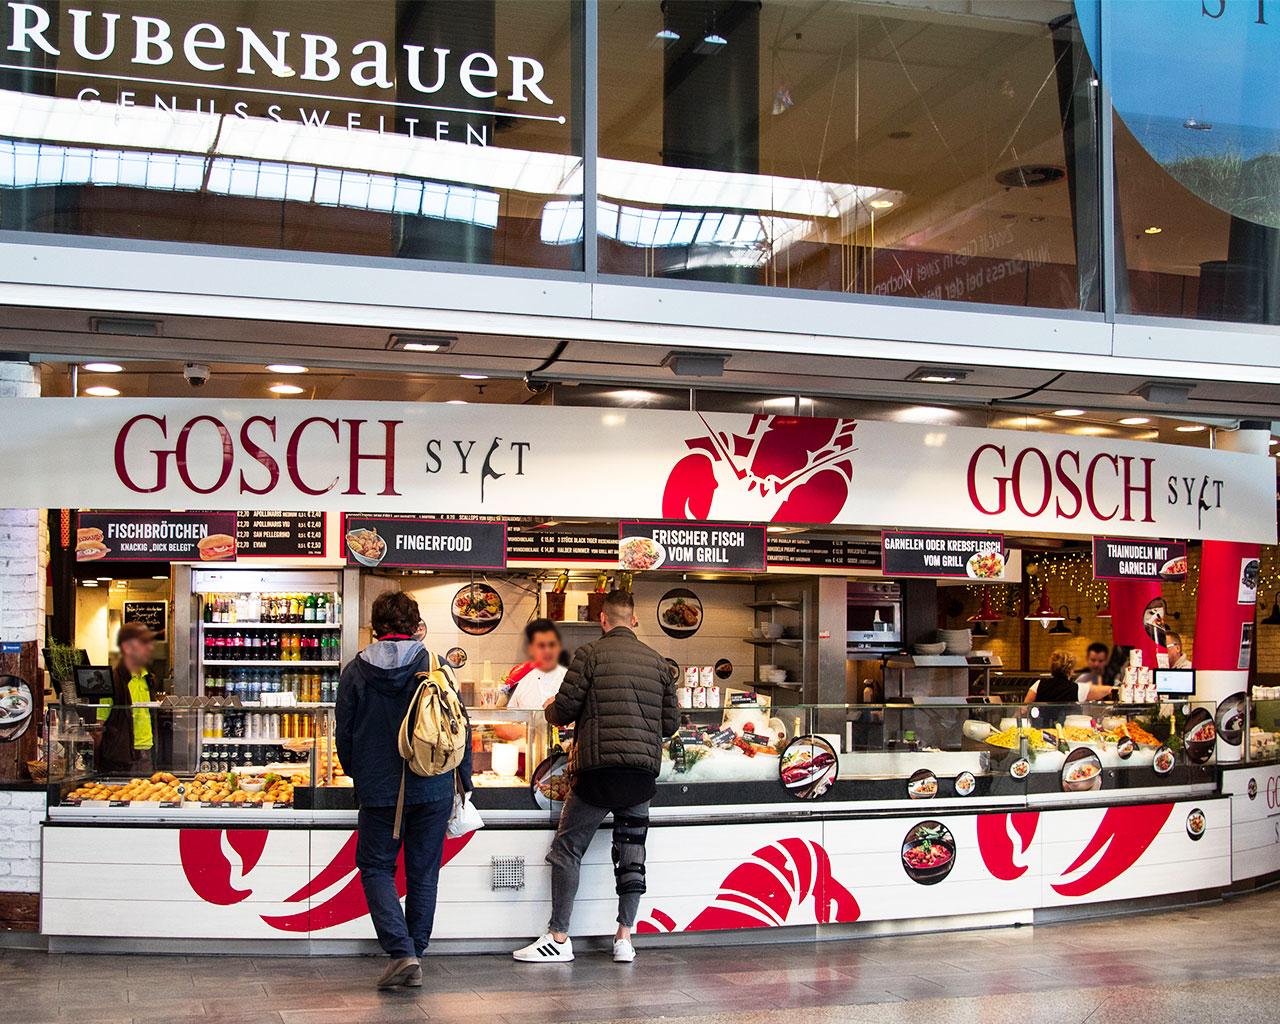 Gosch Sylt im Hauptbahnhof München